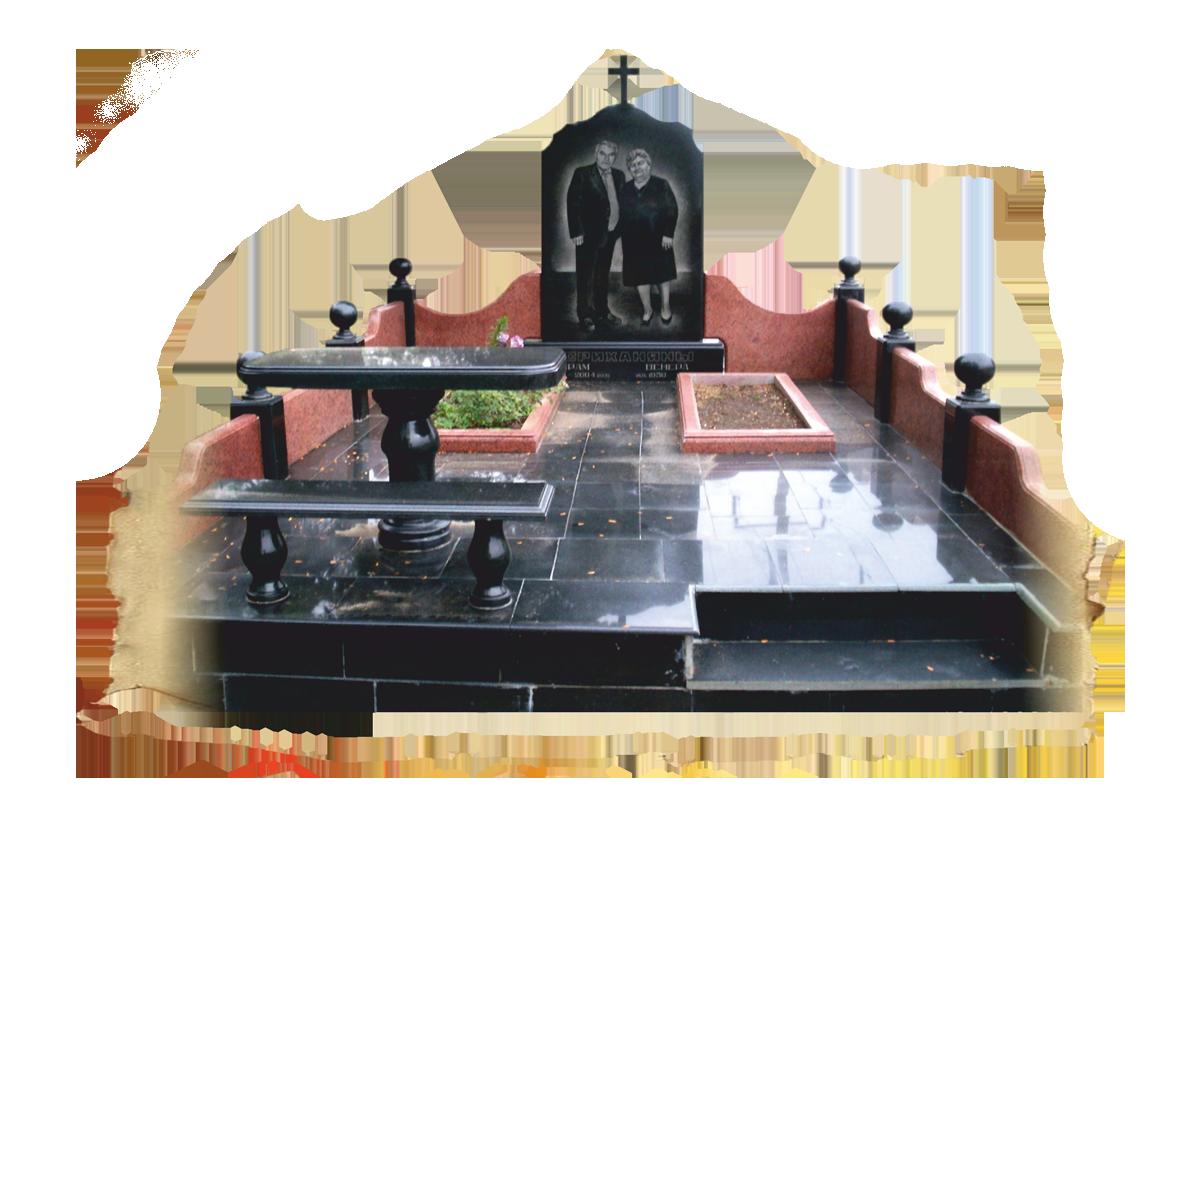 Памятник с тумбой и оформлением, с крестом и свечой, различное оформление, любой сложности из гранита в Севастополе и Республике Крым. Фигурная резка. Размеры: 80х40х5 80х40х8 100х50х8 120х60х8